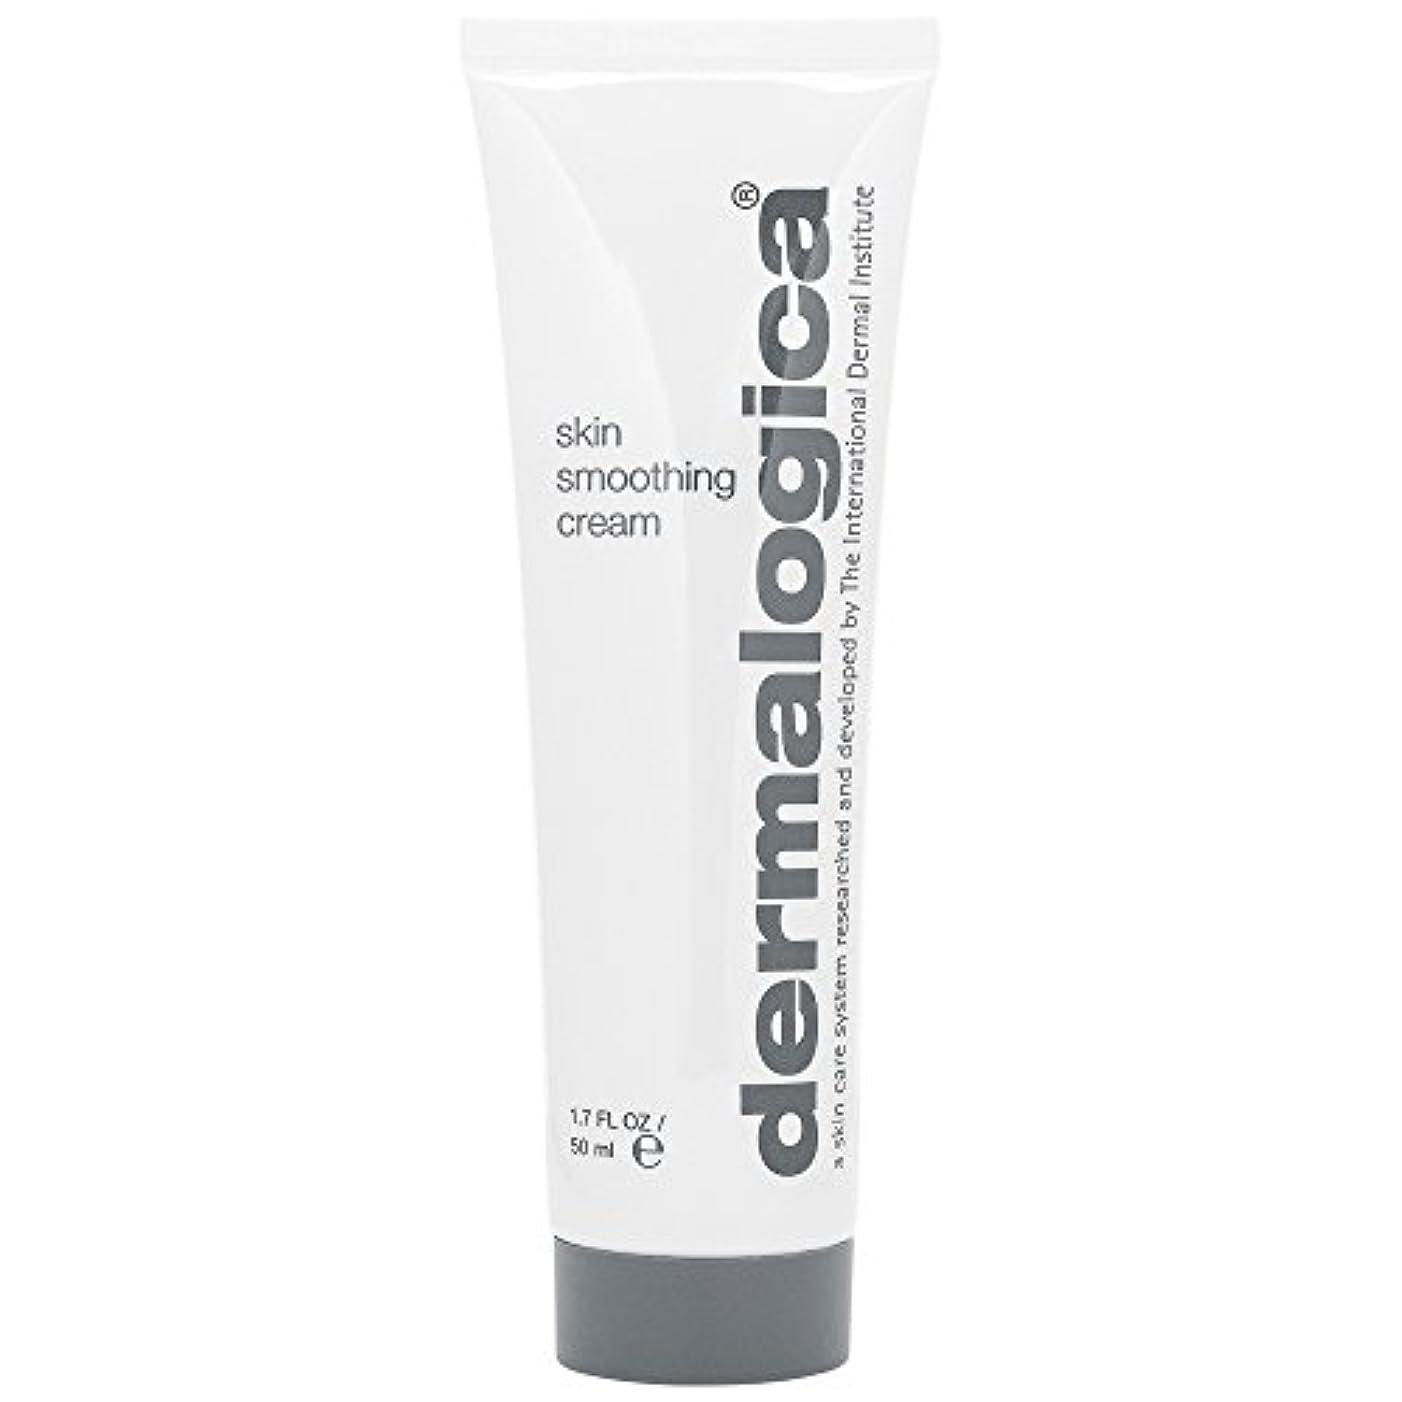 心配するずんぐりした参加者ダーマロジカスキンスムージングクリーム50ミリリットル (Dermalogica) - Dermalogica Skin Smoothing Cream 50ml [並行輸入品]